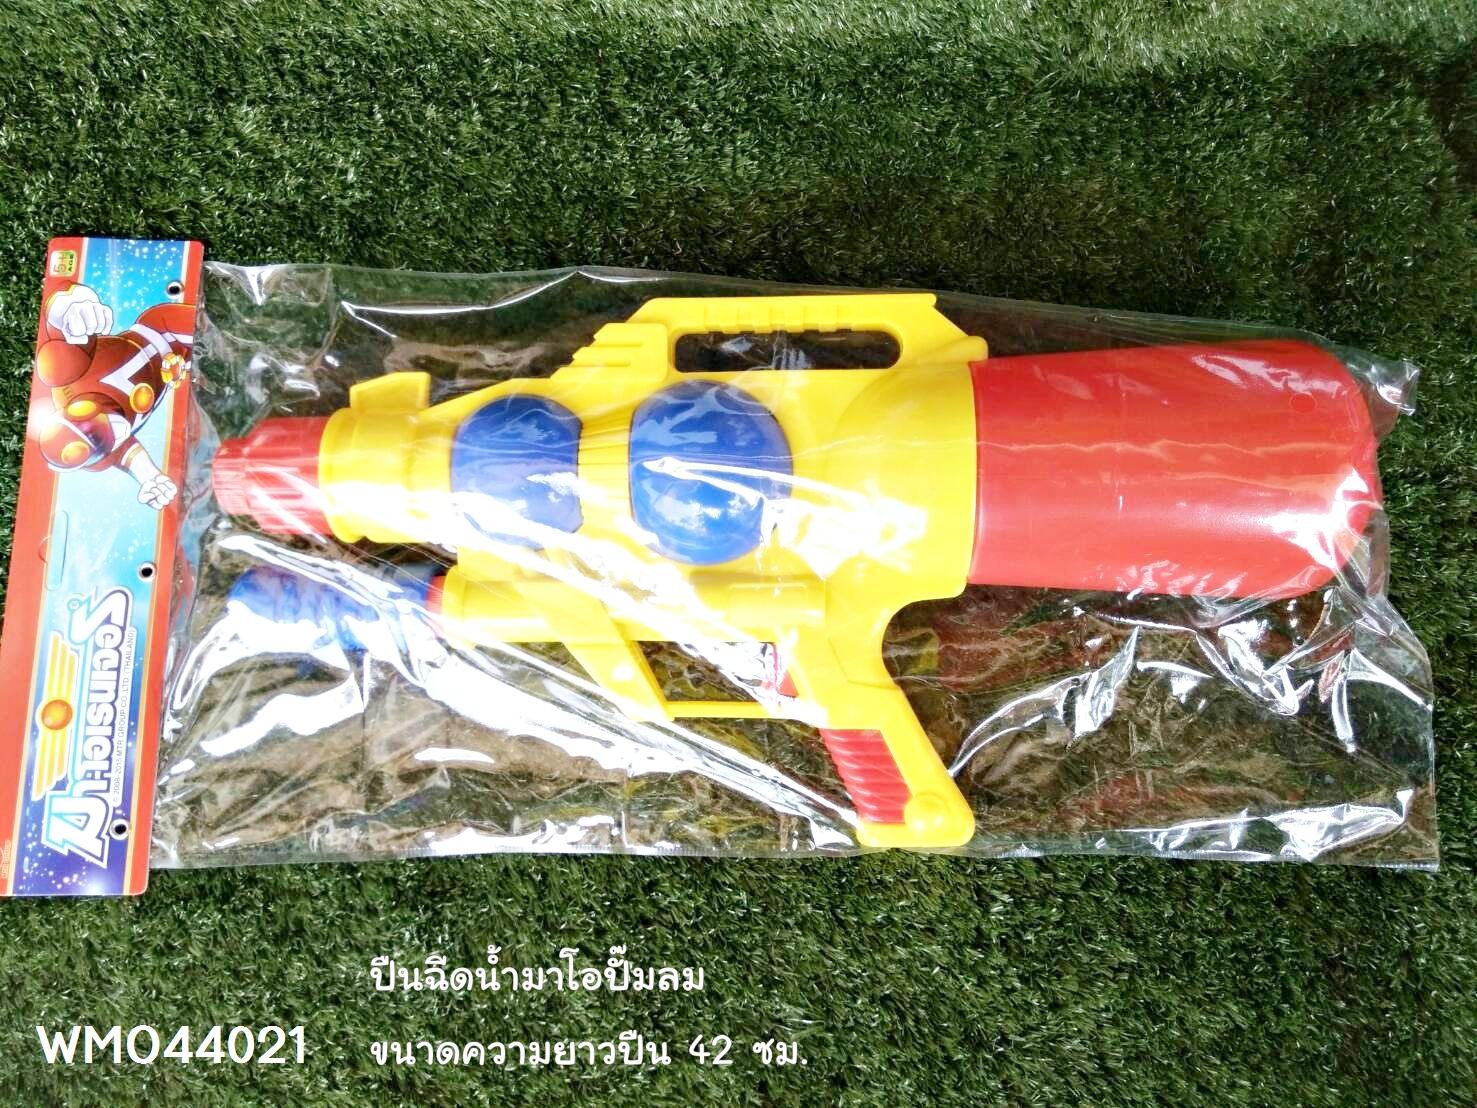 ปืนฉีดน้ำปั๊มลม 42 ซม.